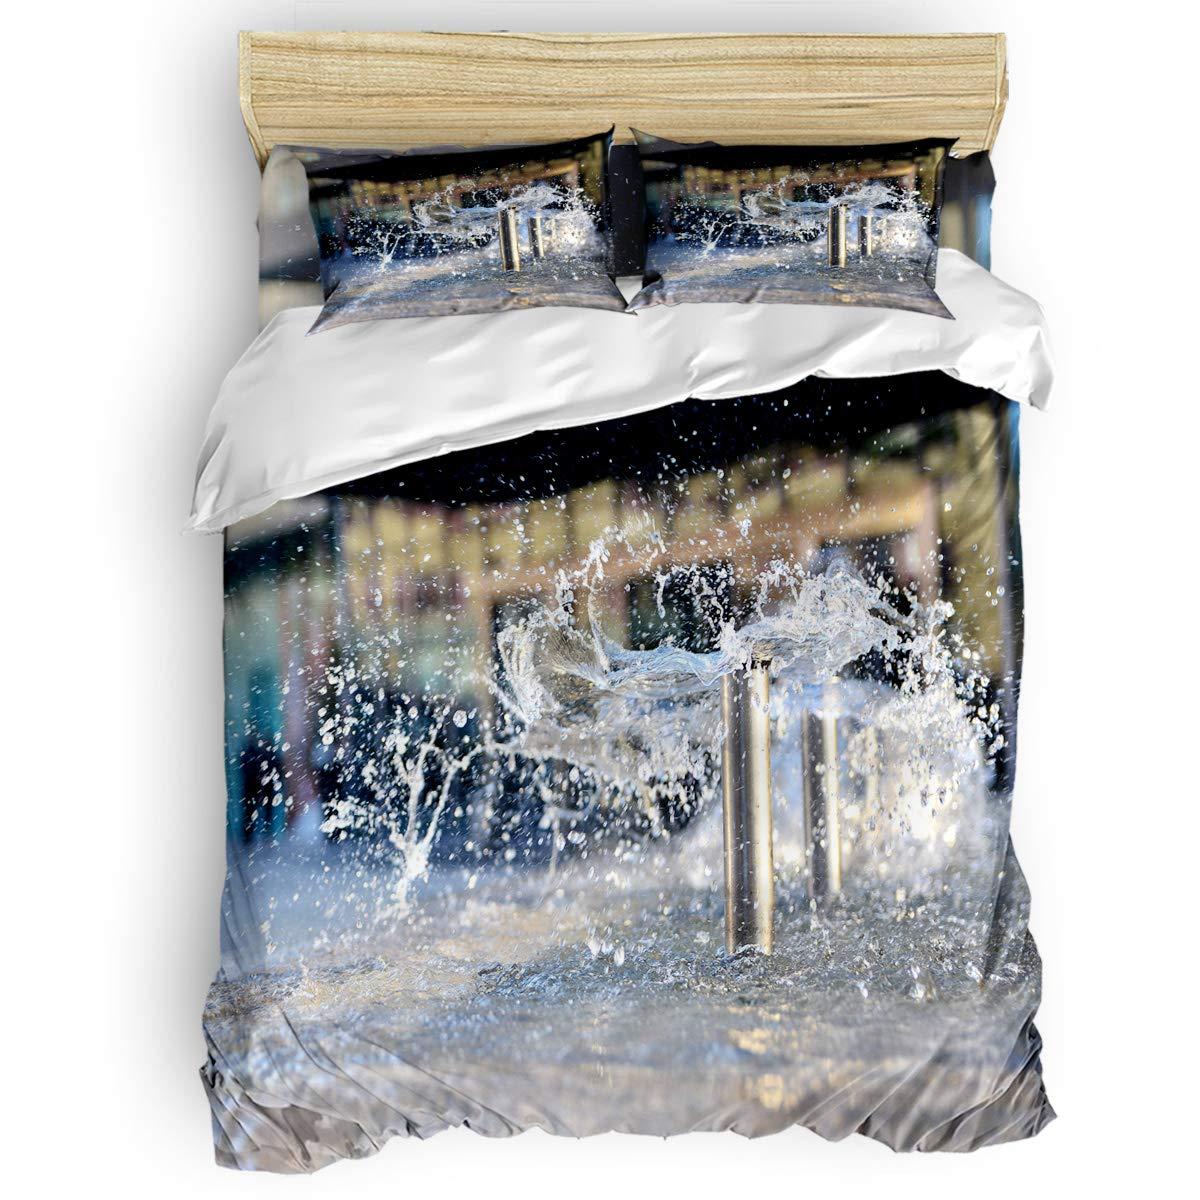 掛け布団カバー 4点セット クラフト紙の地図デザインとヴィンテージの世界地図コンパス 寝具カバーセット ベッド用 べッドシーツ 枕カバー 洋式 和式兼用 布団カバー 肌に優しい 羽毛布団セット 100%ポリエステル クイーン B07TF8XS19 fountainsLAS2009 クイーン